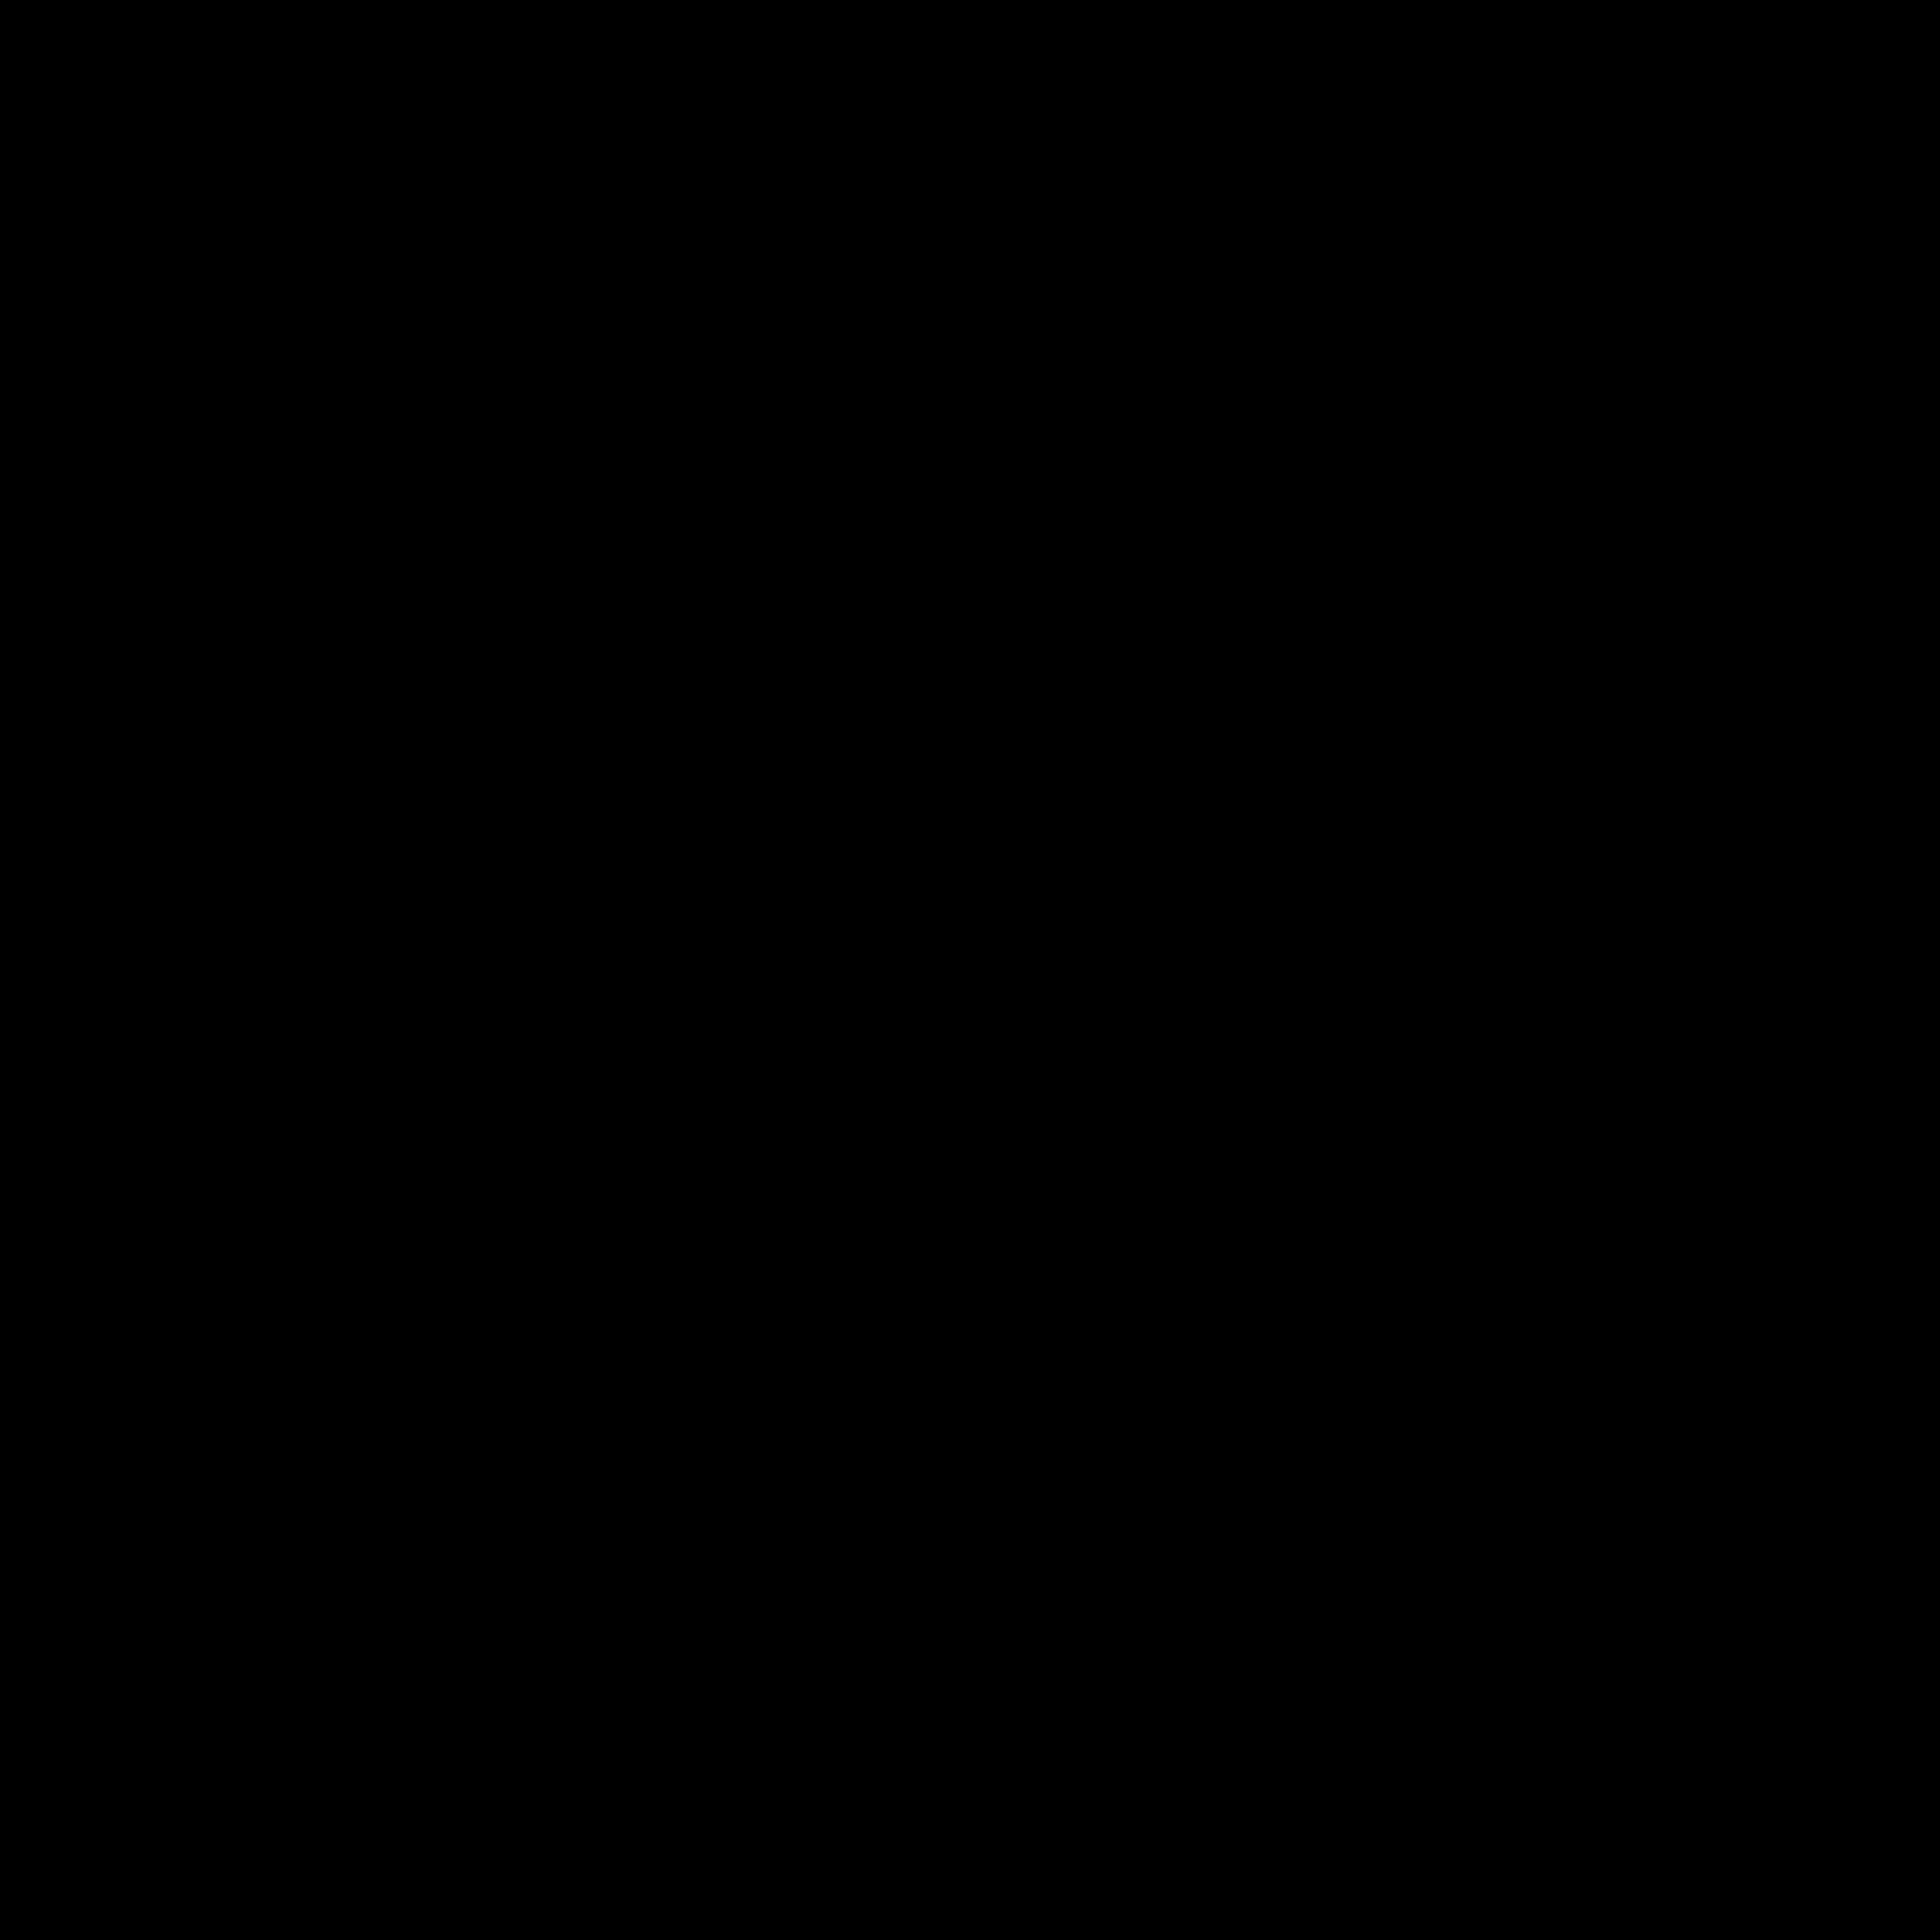 Vůně jablek